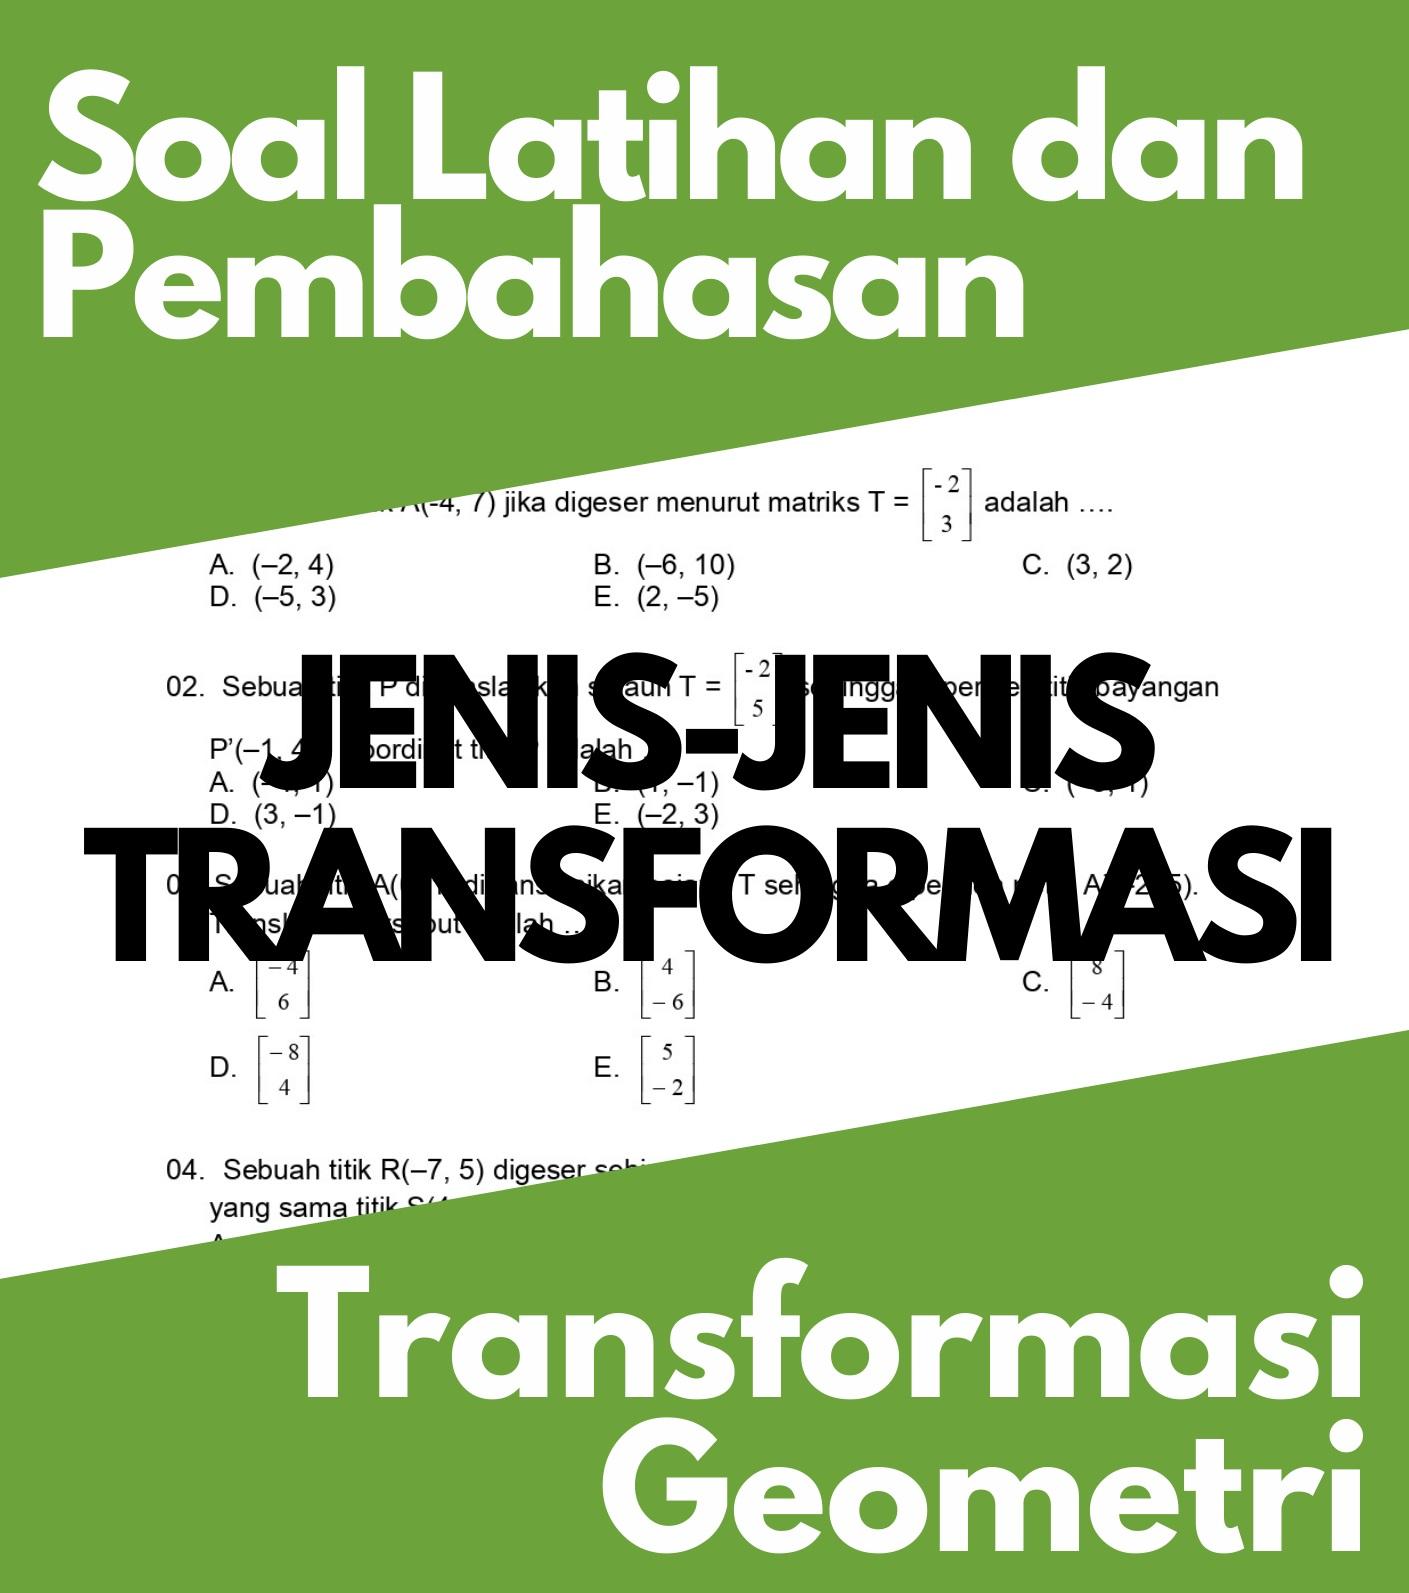 Transformasi Geometri, Soal Latihan dan Pembahasan Jenis Transformasi Pada Sebuah Titik